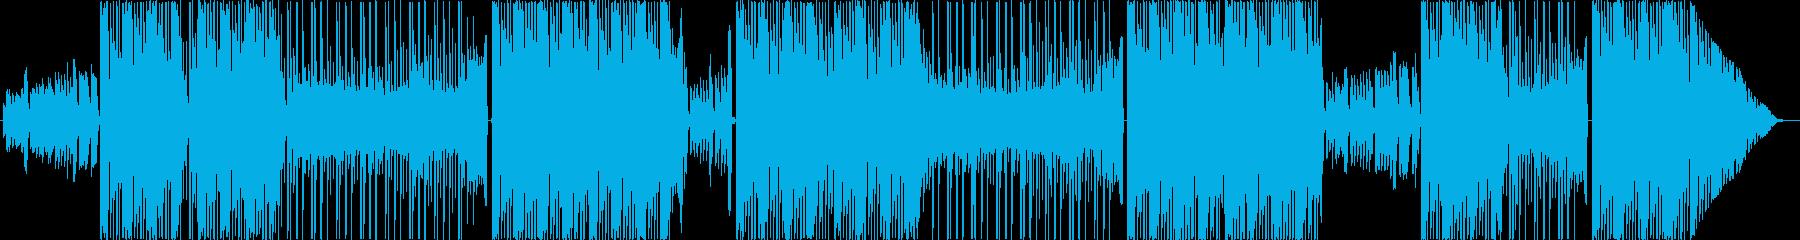 K-pop 男性アーティストタイプビートの再生済みの波形